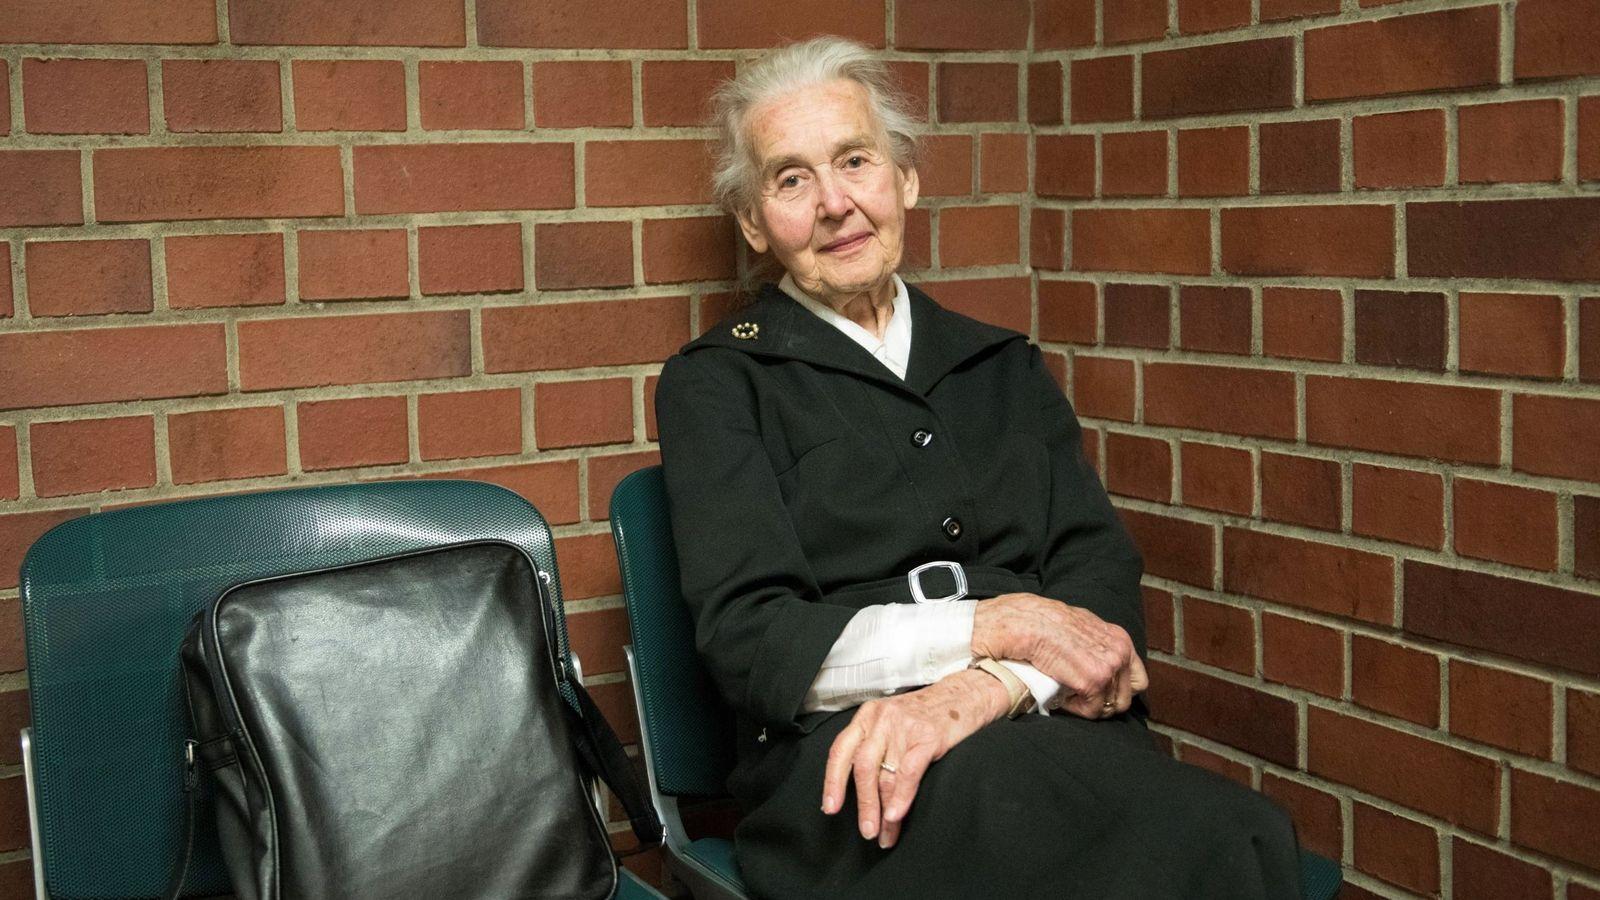 Foto: Ursula Haverbeck, la 'abuela nazi', condenada a prisión | EFE